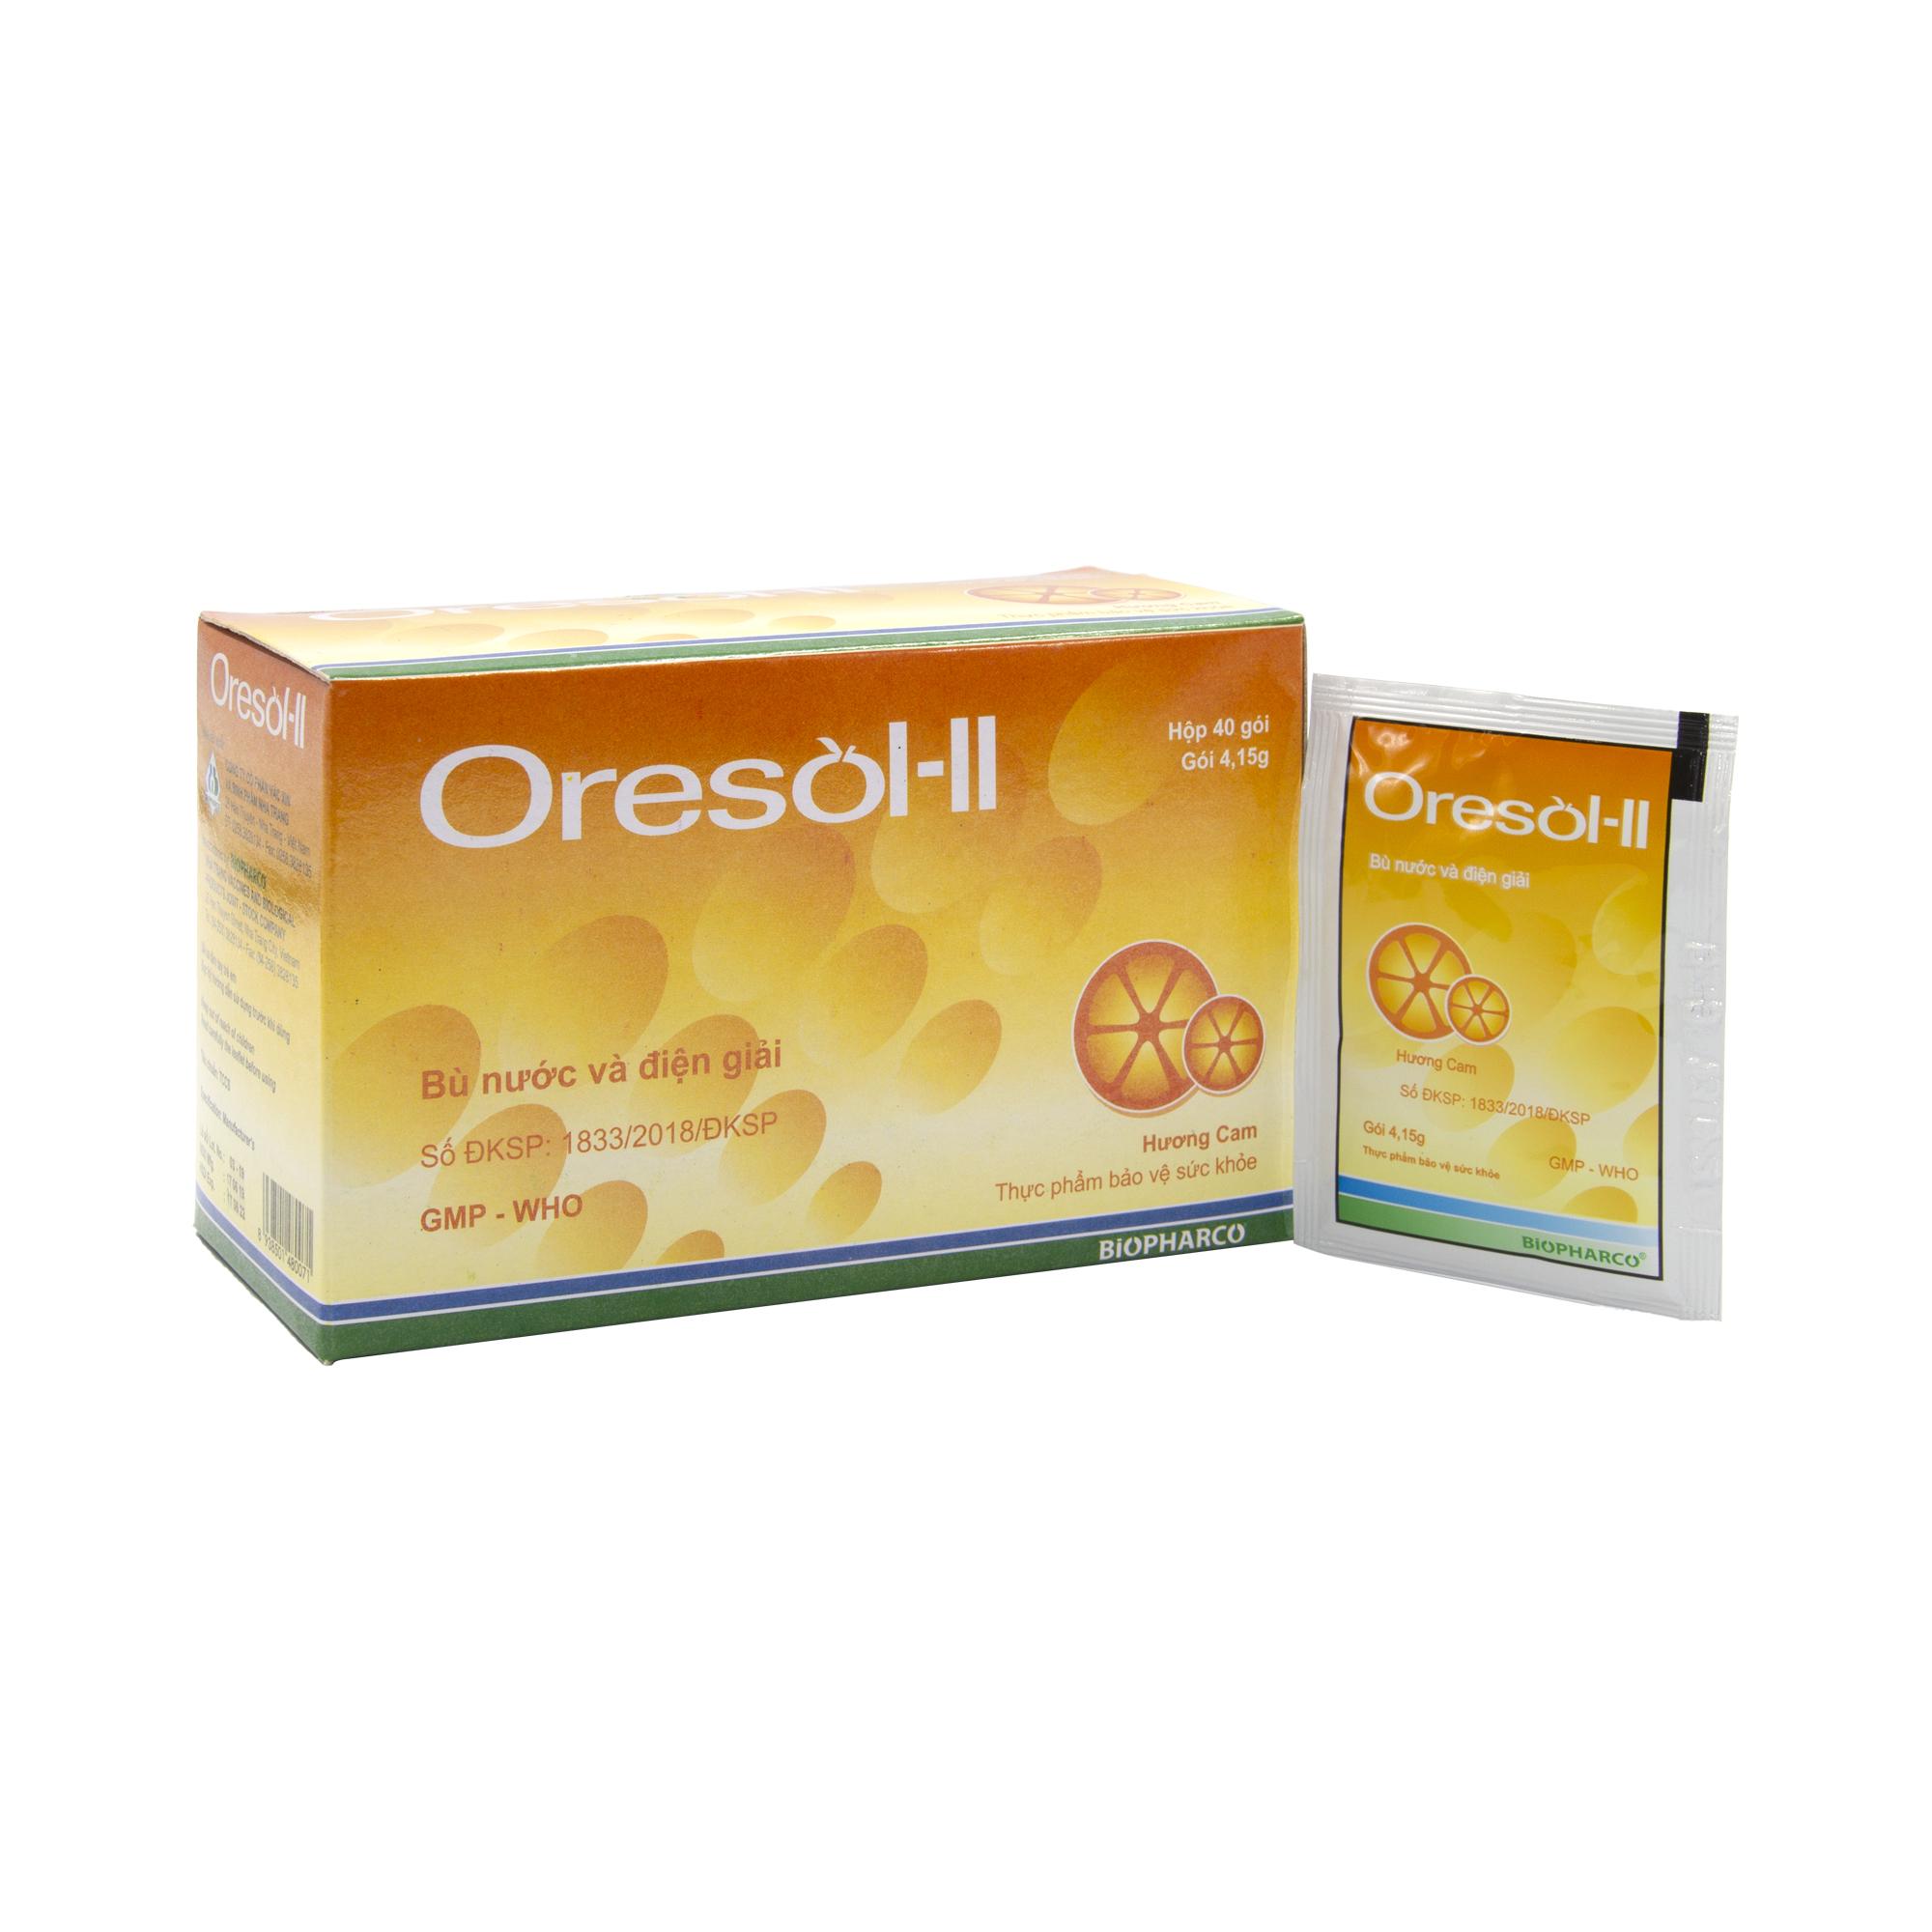 Oresol không phải là thuốc chữa, chỉ là một cách để bù nước cho bé